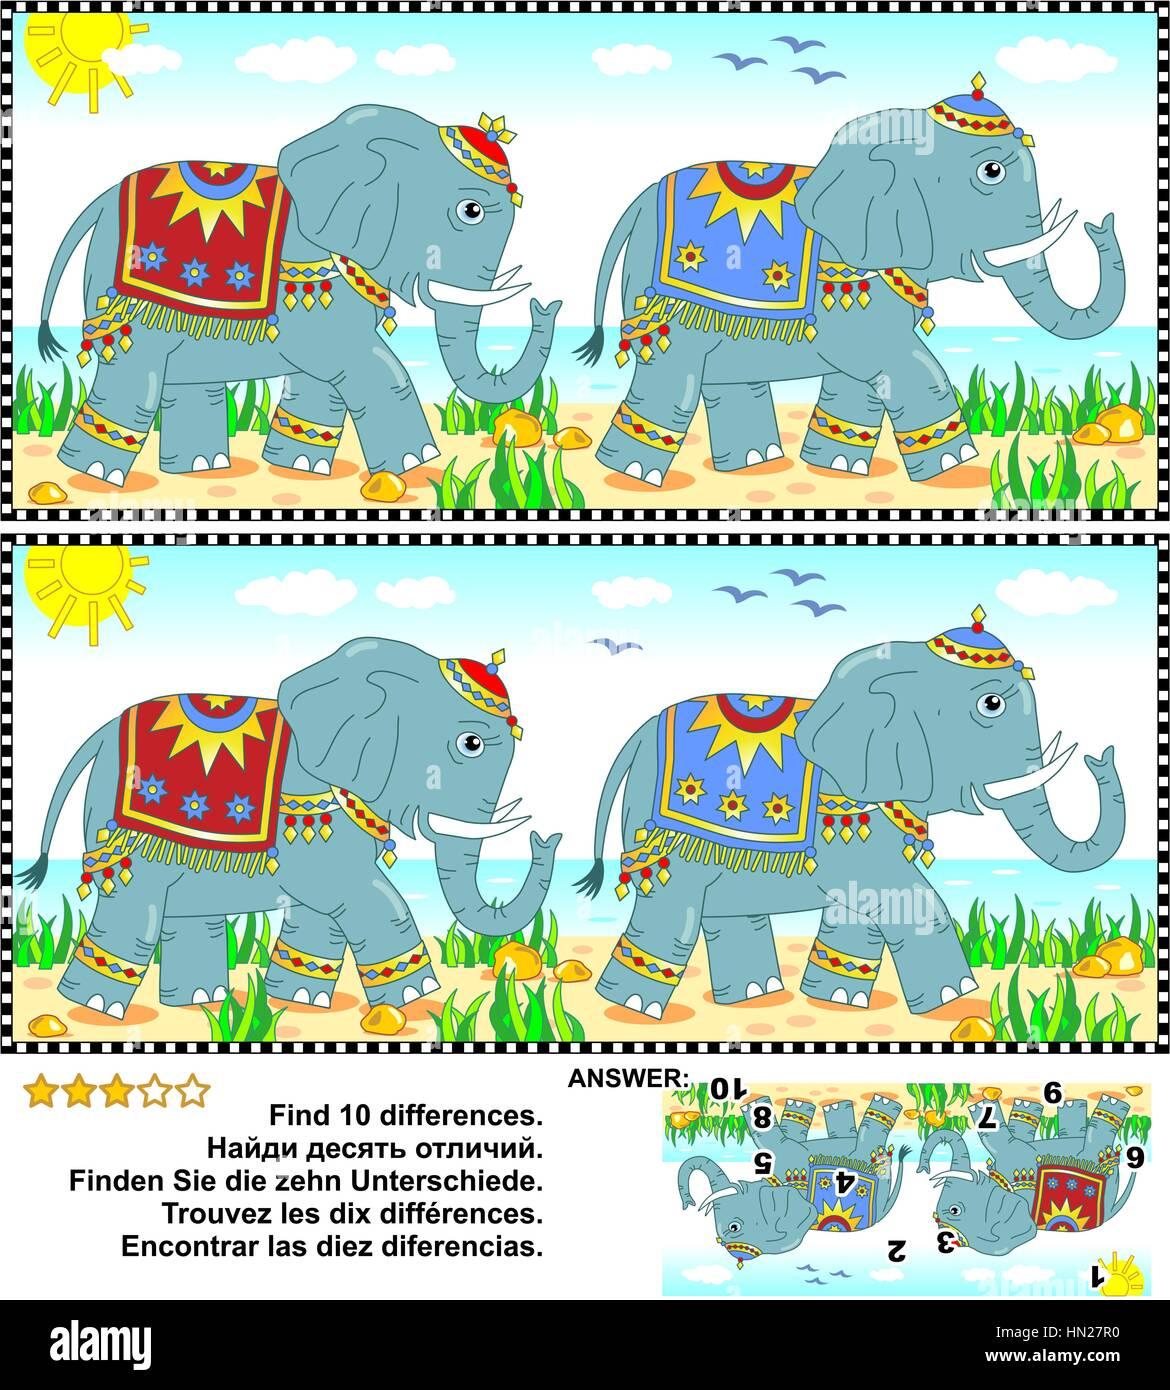 Visuelle Ratsel Finden Sie Die Zehn Unterschiede Zwischen Den Beiden Bildern Der Elefanten Zu Fuss Entlang Der Kuste Antwort Enthalten Stock Vektorgrafik Alamy